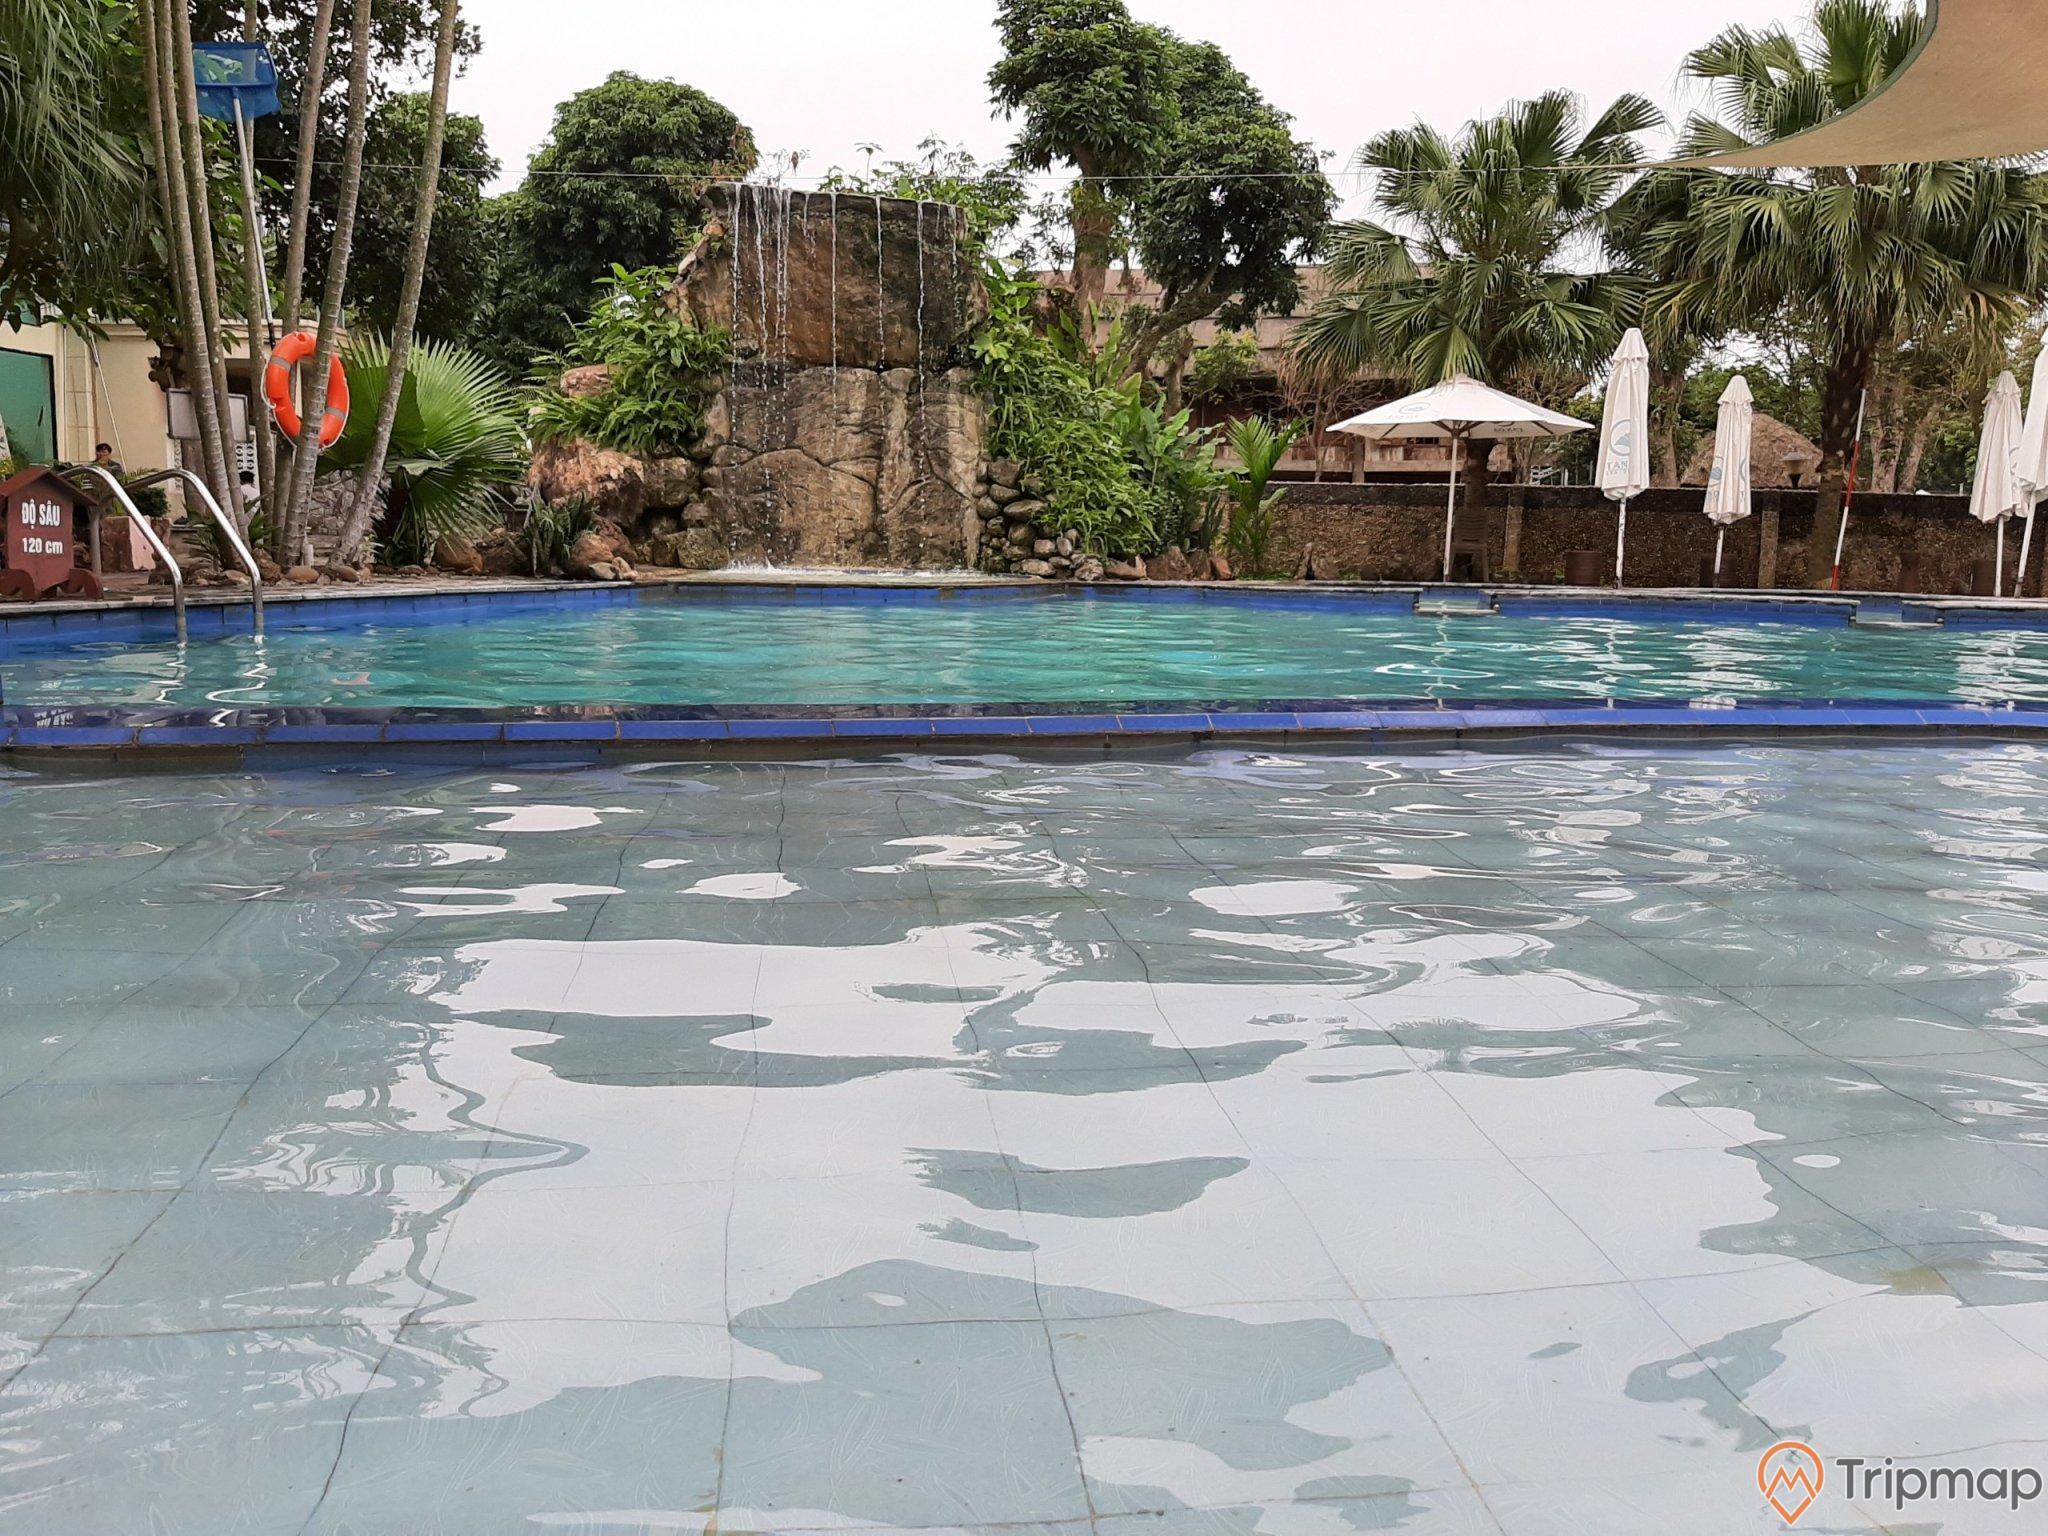 cái ô màu trắng cạnh bể bơi nước khoáng, thác nước nhận tạo cạnh bể bơi, 2 cây cọ và cây cối gần bể nước